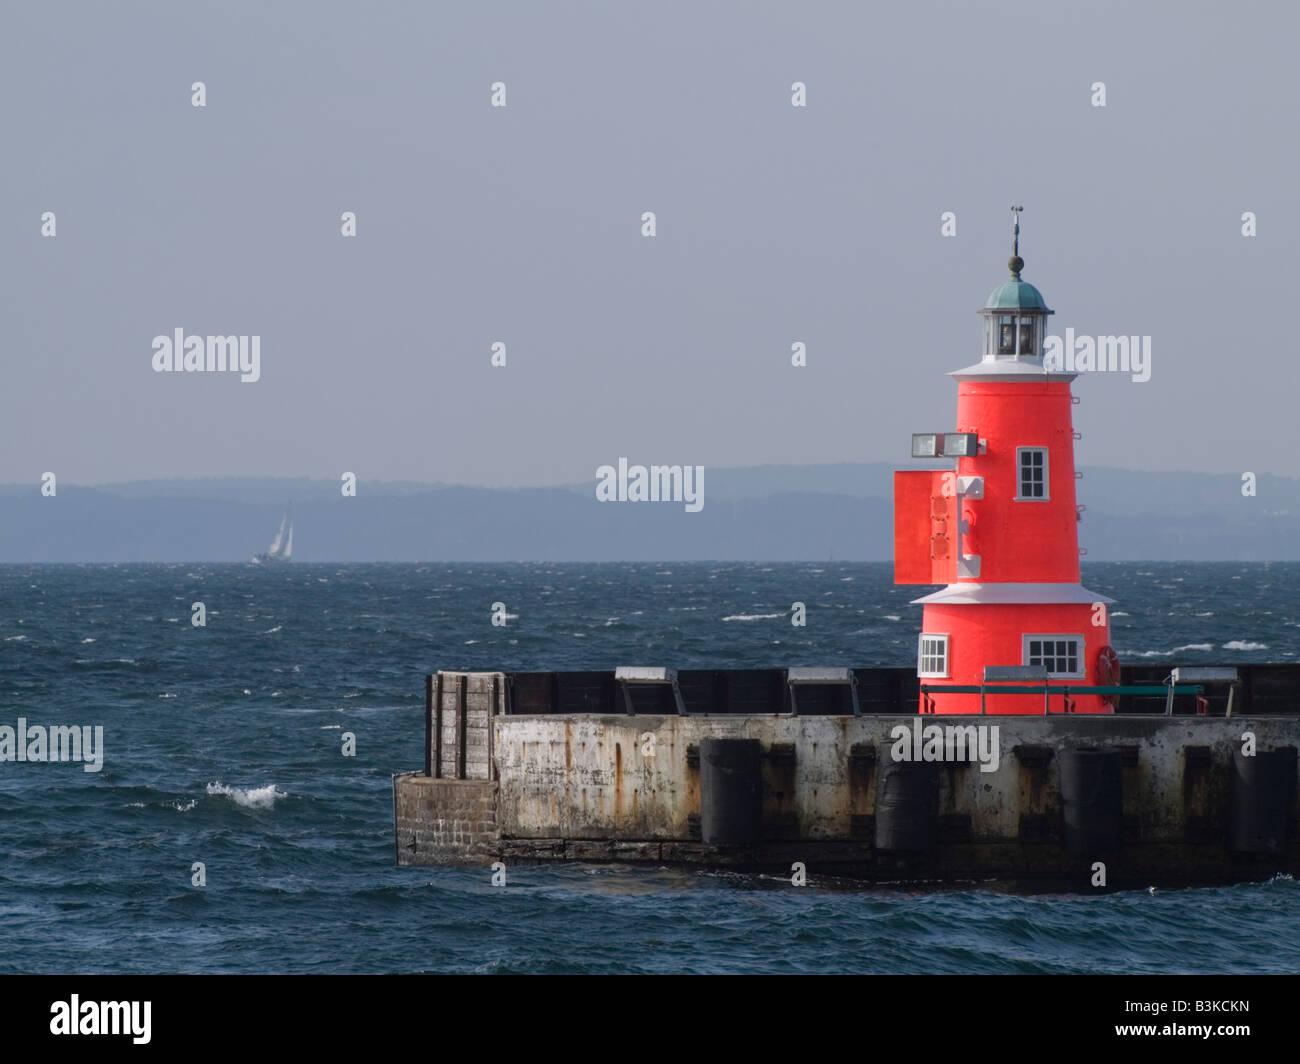 Beacon on the breakwater entrance to the Port of Helsingoer, Denmark - Stock Image